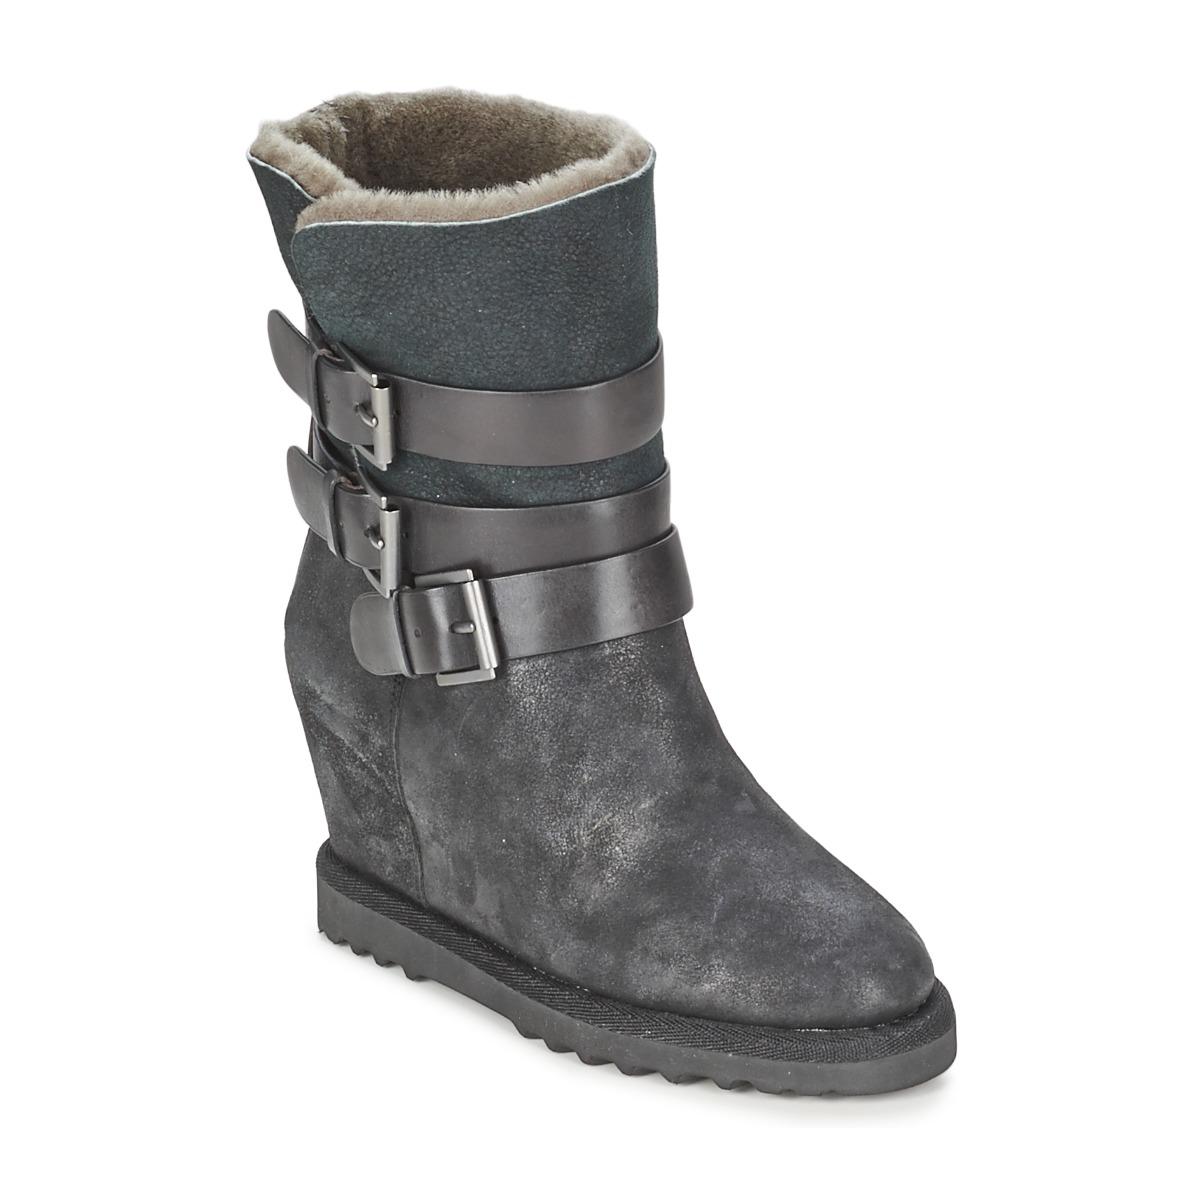 Ash YES Schwarz - Kostenloser Versand bei Spartoode ! - Schuhe Low Boots Damen 124,50 €